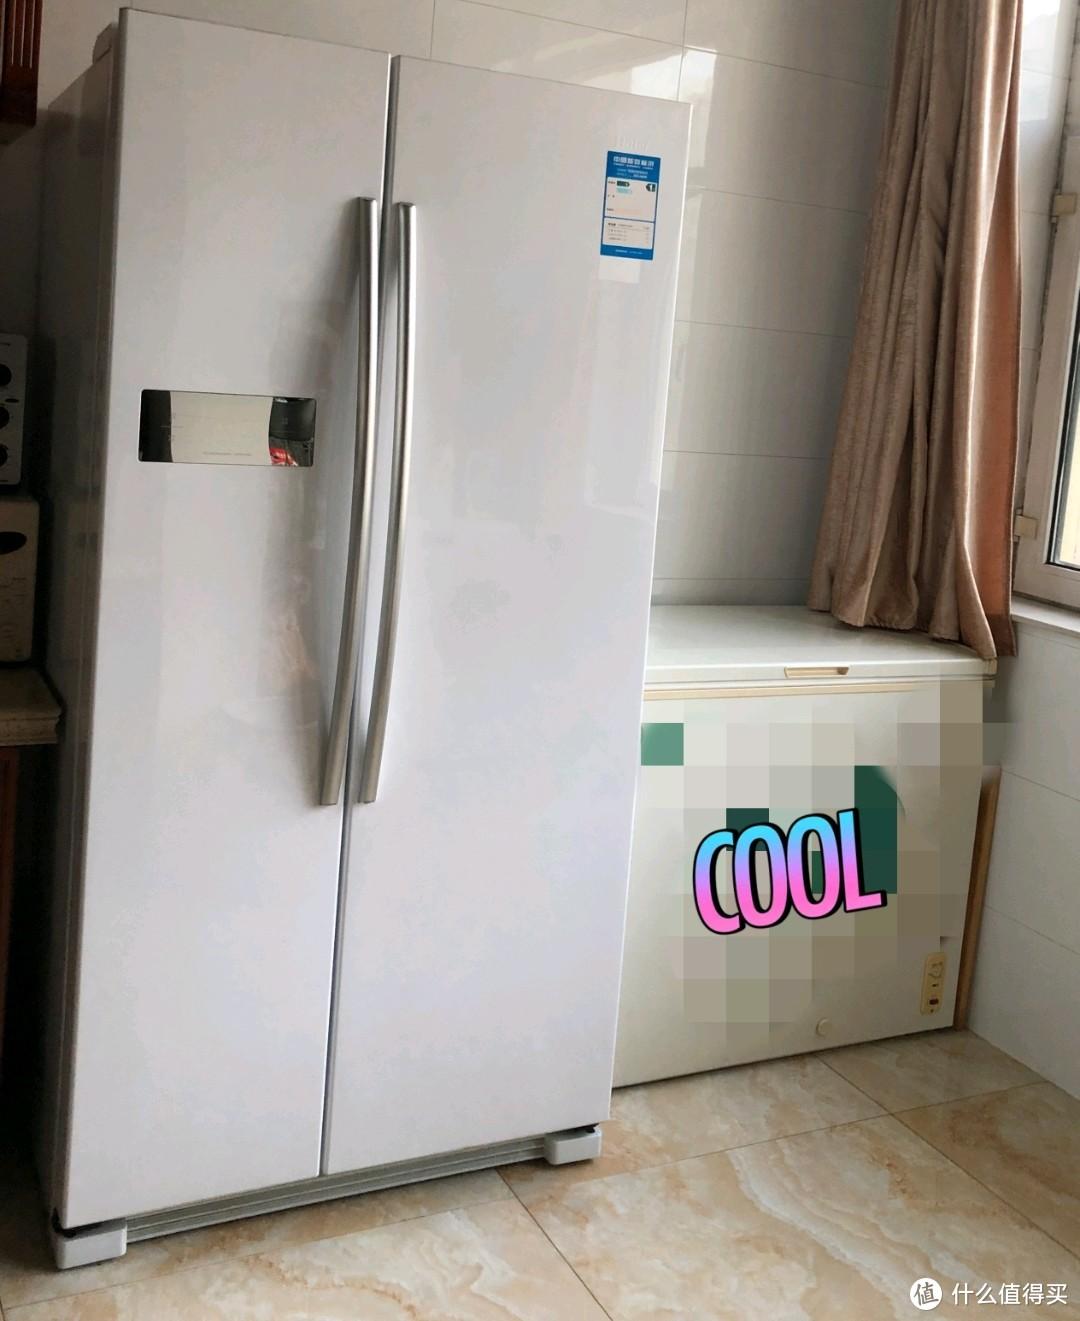 冰箱加冰柜占用面积实在太大